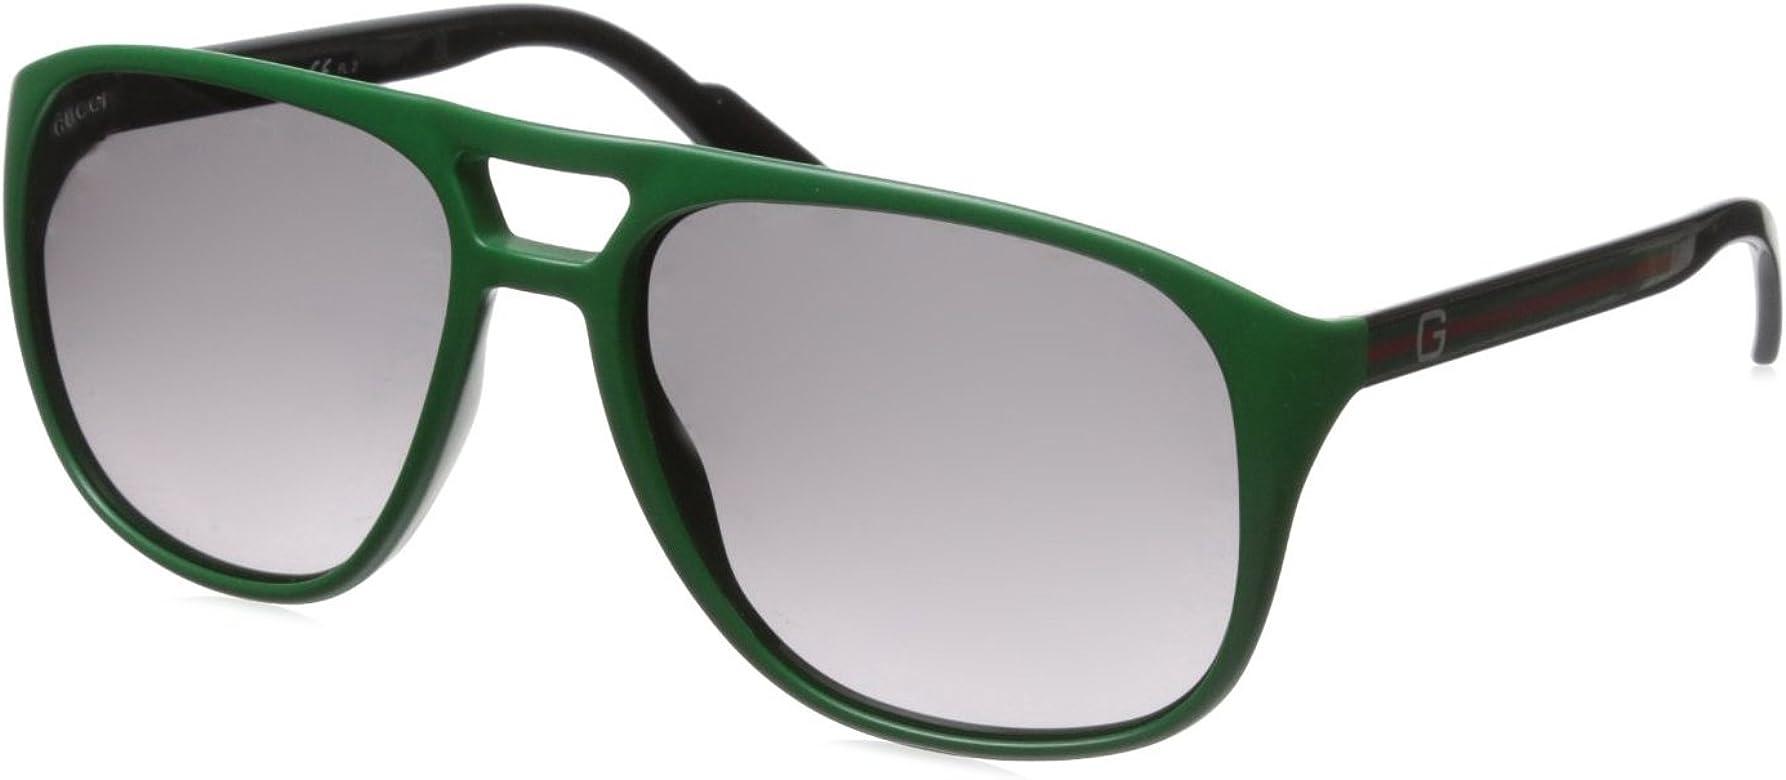 Gucci Gafas de Sol GG 1018/S EU KR5 Verde: Amazon.es: Ropa y ...